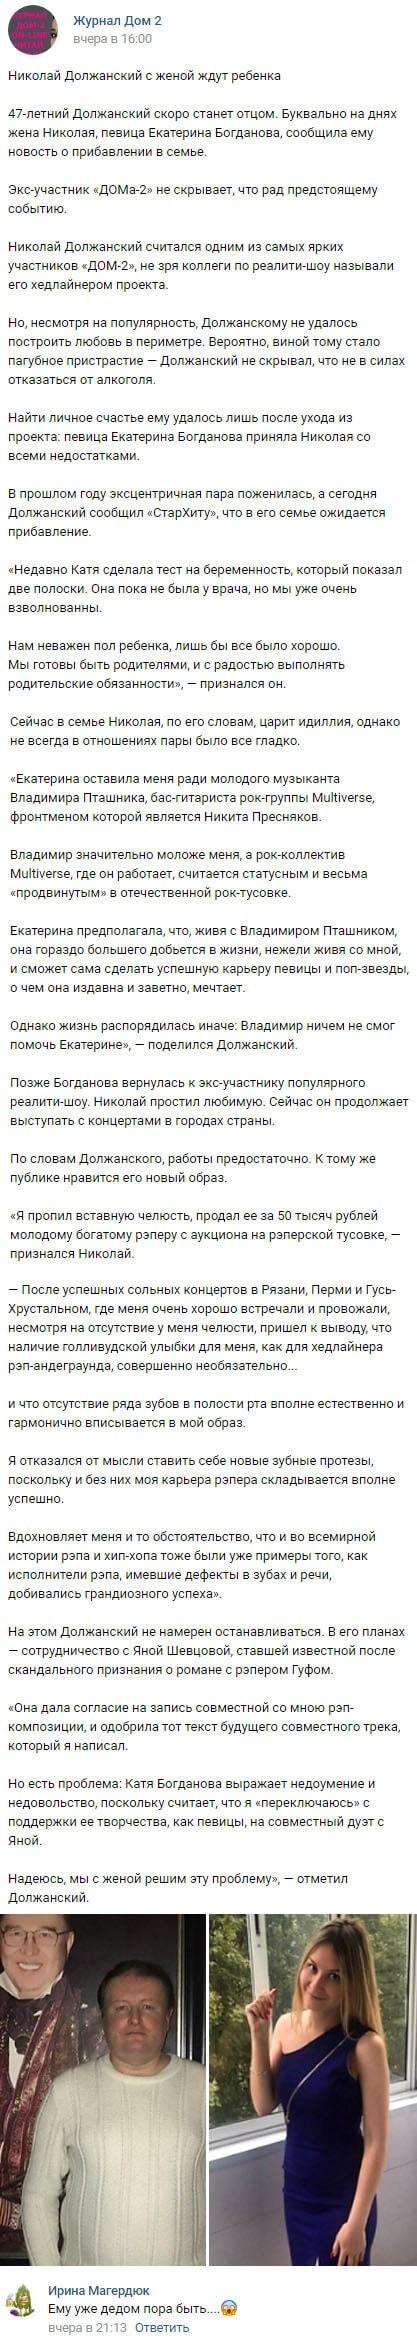 Николай Должанский объявил о беременности супруги